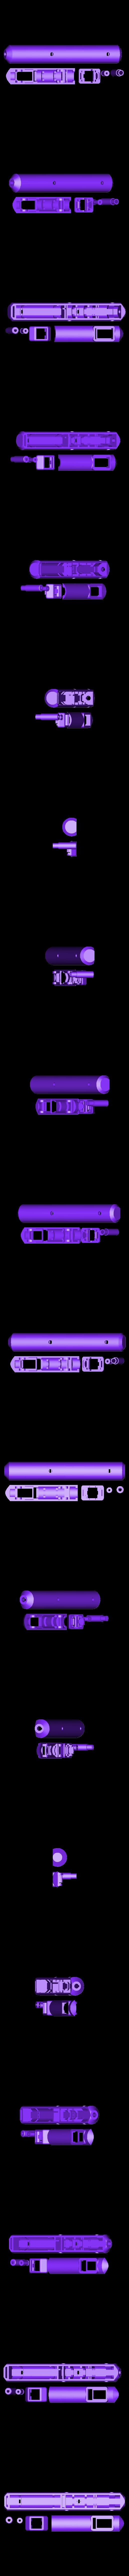 AllPartsScrewdriver.stl Télécharger fichier STL gratuit Tournevis électrique sans fil. v2 • Objet à imprimer en 3D, SiberK